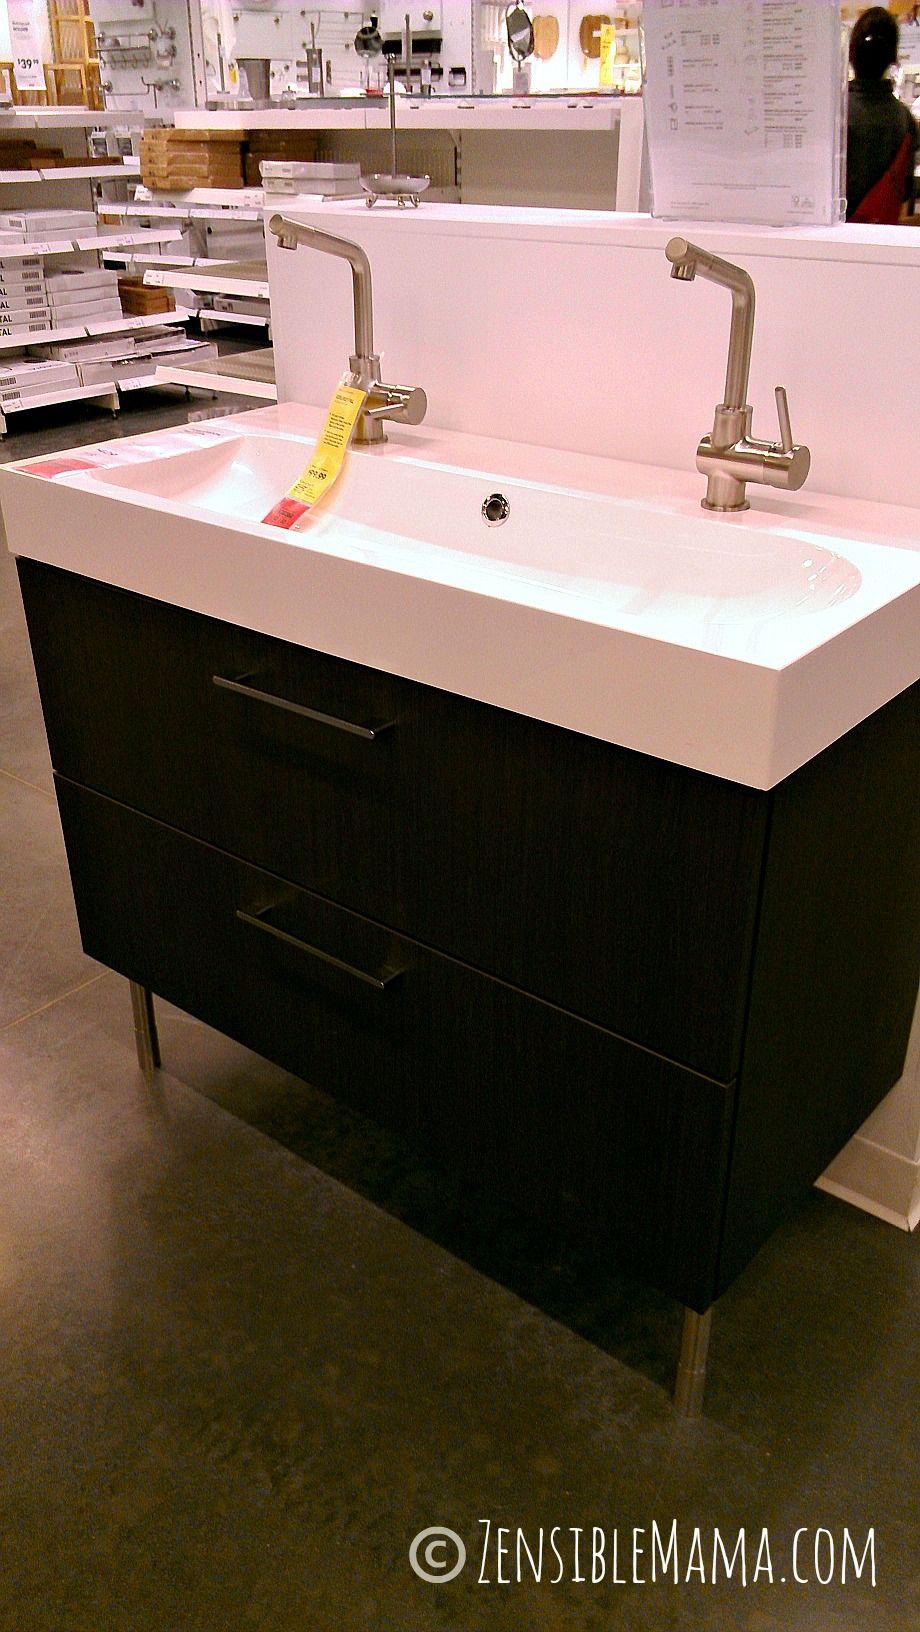 For guestroom or master\'s bathroom - BRÅVIKEN Sink, GODMORGON ...